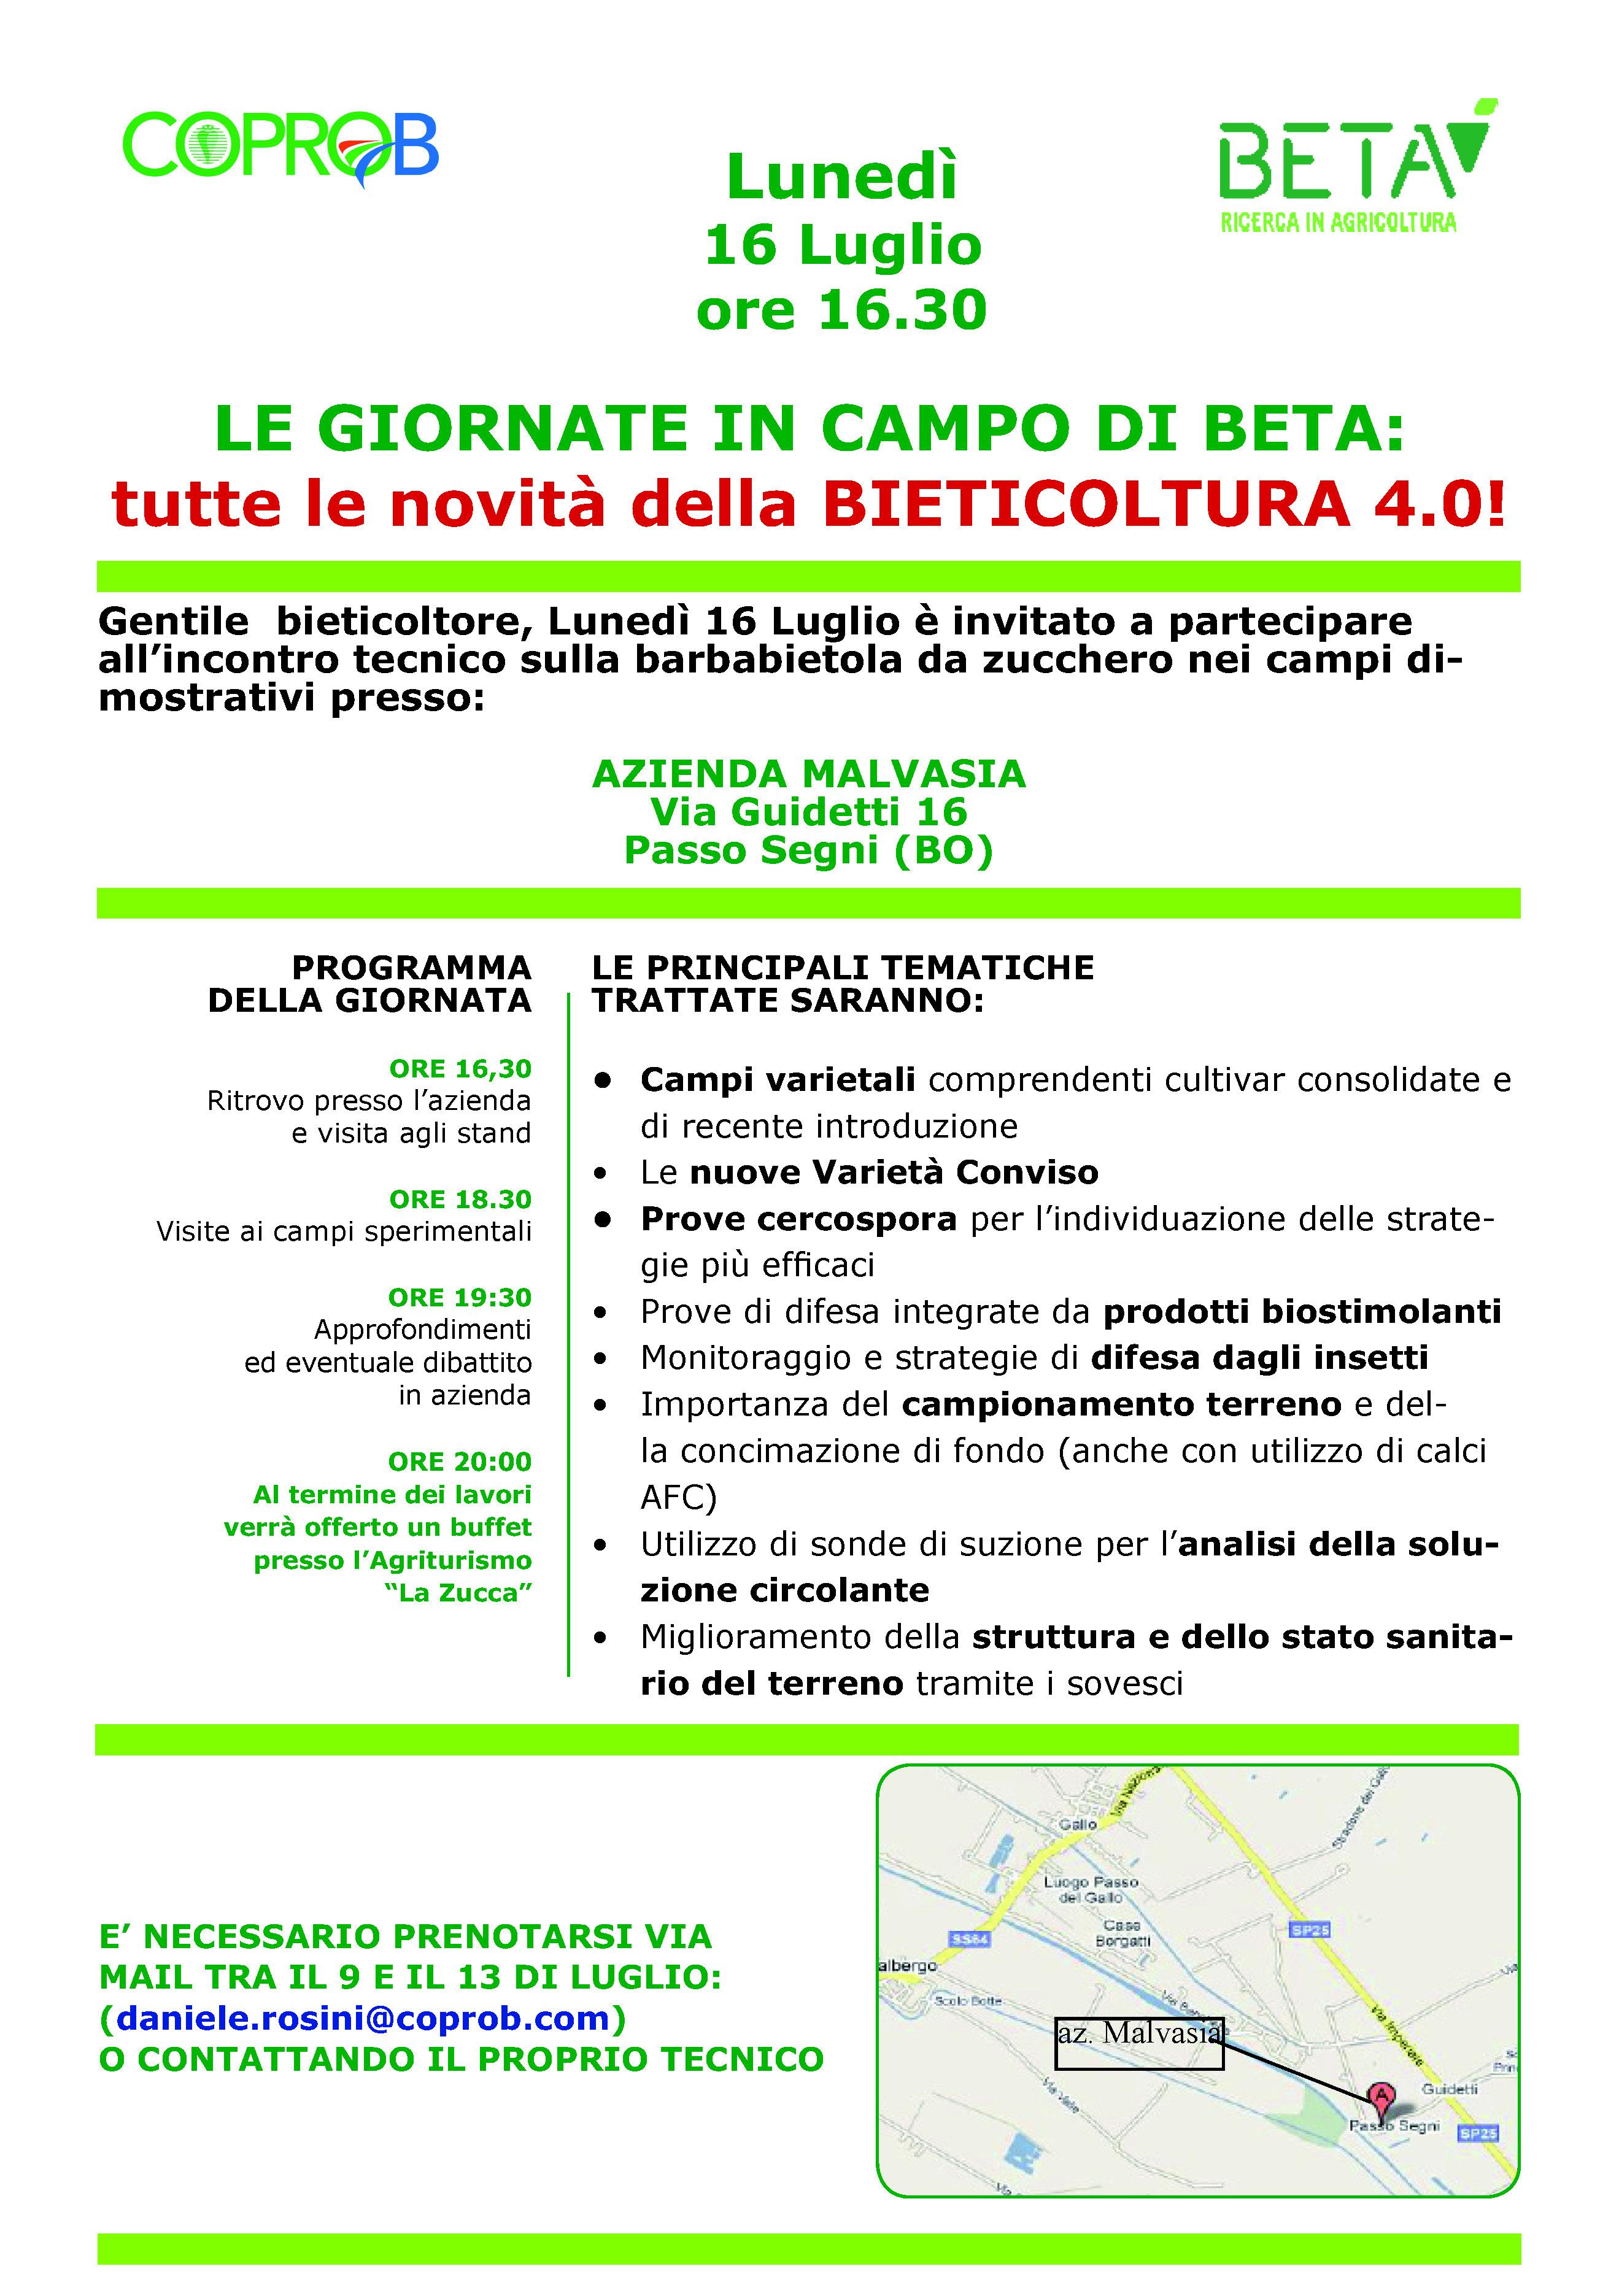 Visita alla piattaforma sperimentale di BETA a Passo Segni (BO)